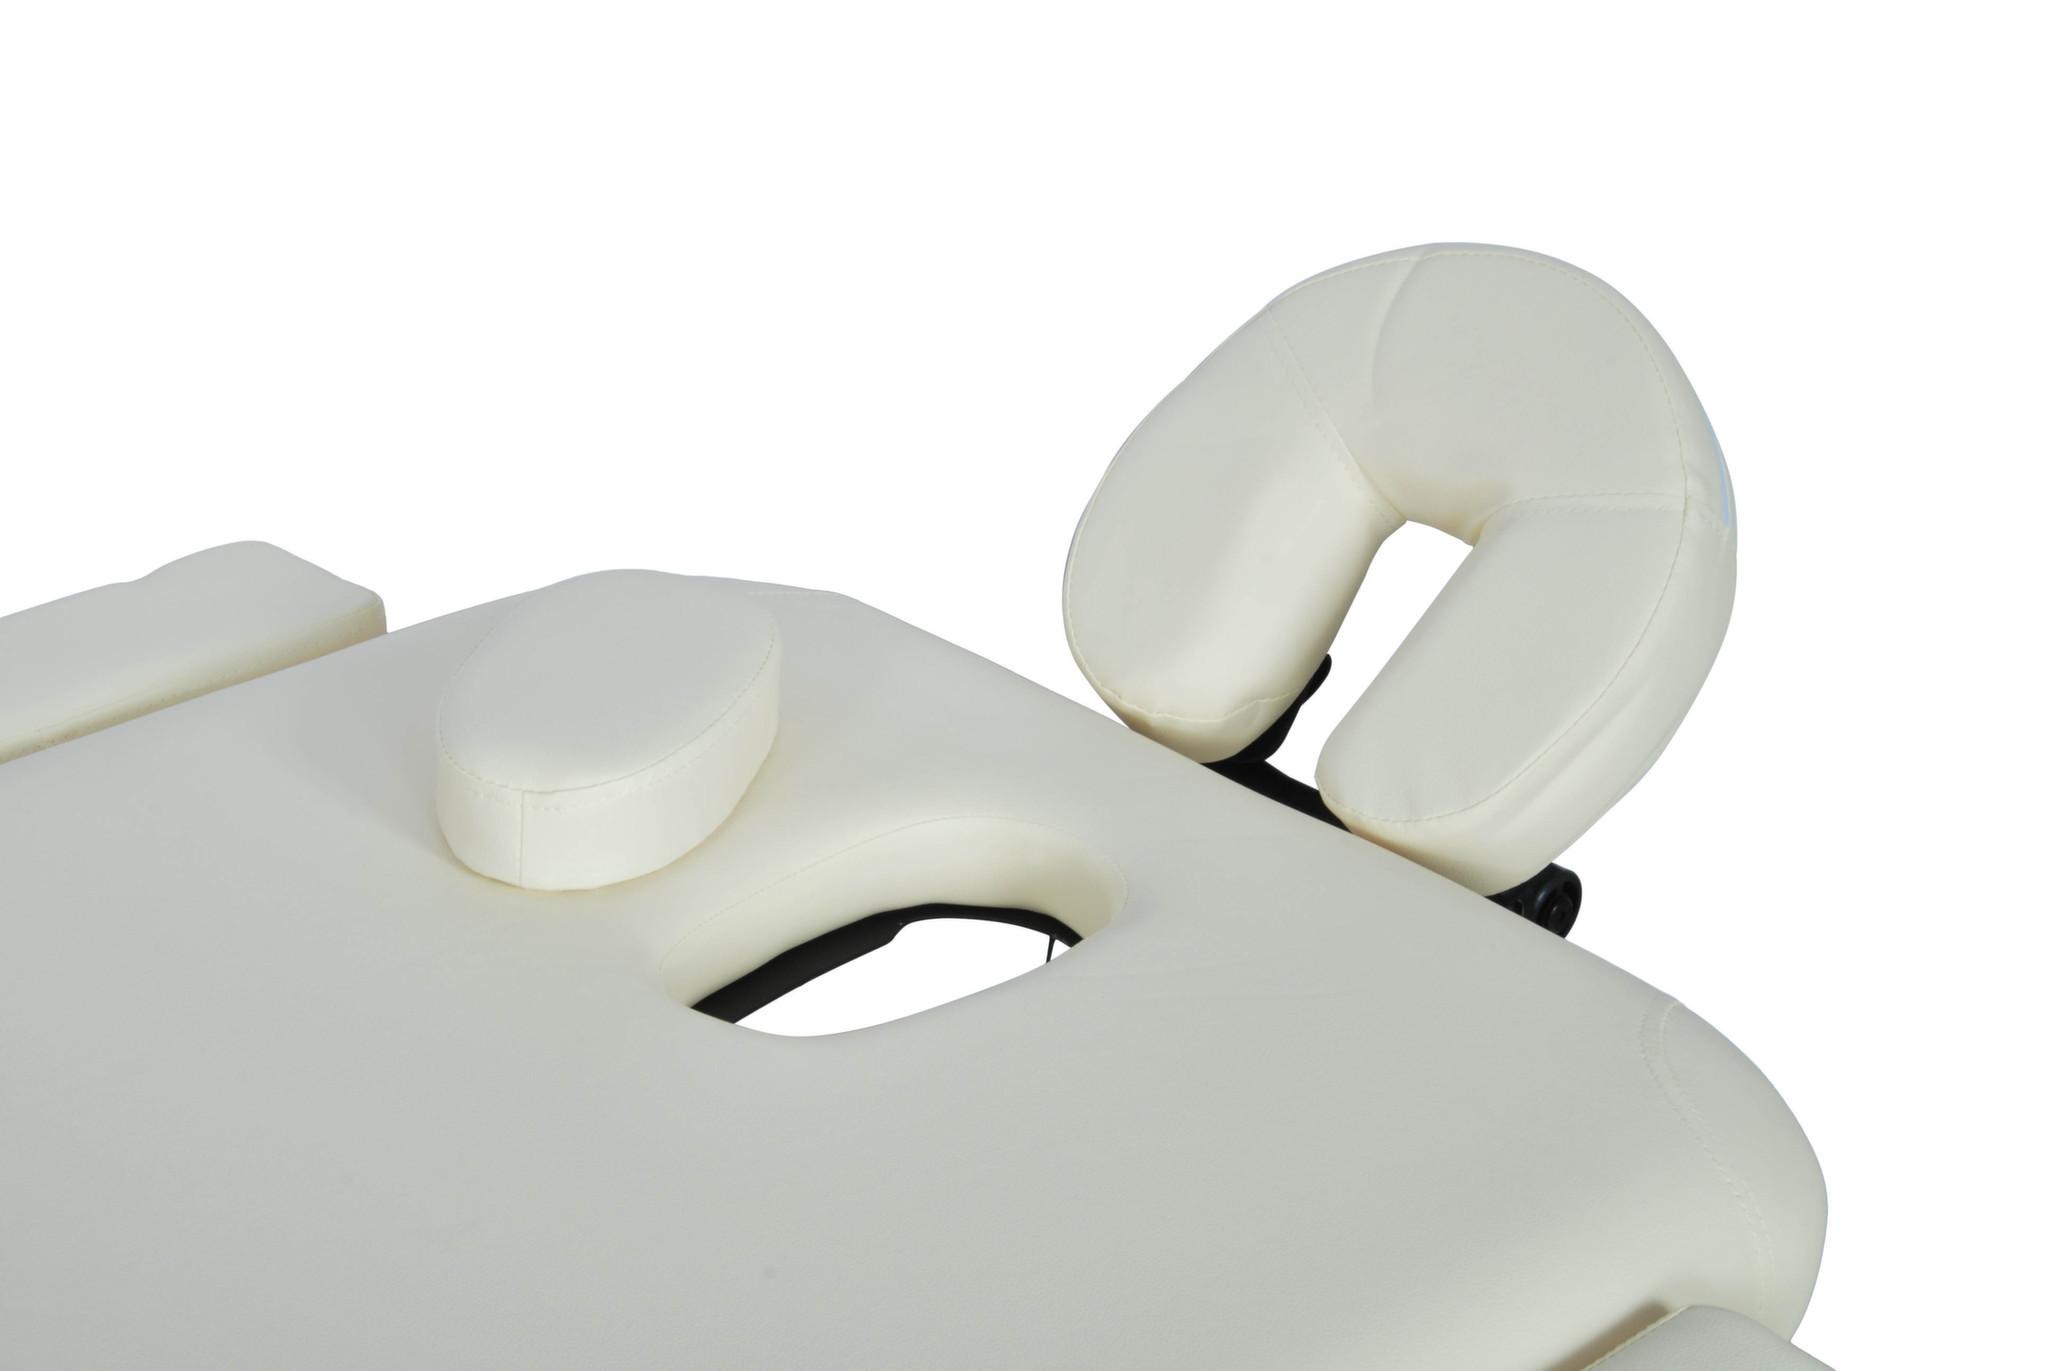 Складной массажный стол Med-Mos JFAL01A (МСТ-102Л) (3 секции) кремовыйСкладной массажный стол JFAL01A (МСТ-102Л) &amp;ndash; отличное оборудование для стационарного и выездного массажа. Благодаря современному дизайну, стол прекрасно впишется в любой интерьер массажного кабинета. С помощью раскладного механизма оборудование легко складывается и раскладывается. Это позволяет без труда переносить стол от клиента к клиенту.&amp;nbsp;&#13;<br>&#13;<br>Рама модели выполнена из алюминия, обивка &amp;ndash; винил-люкс, наполнитель &amp;ndash; поролон, толщиной 6 см.<br>